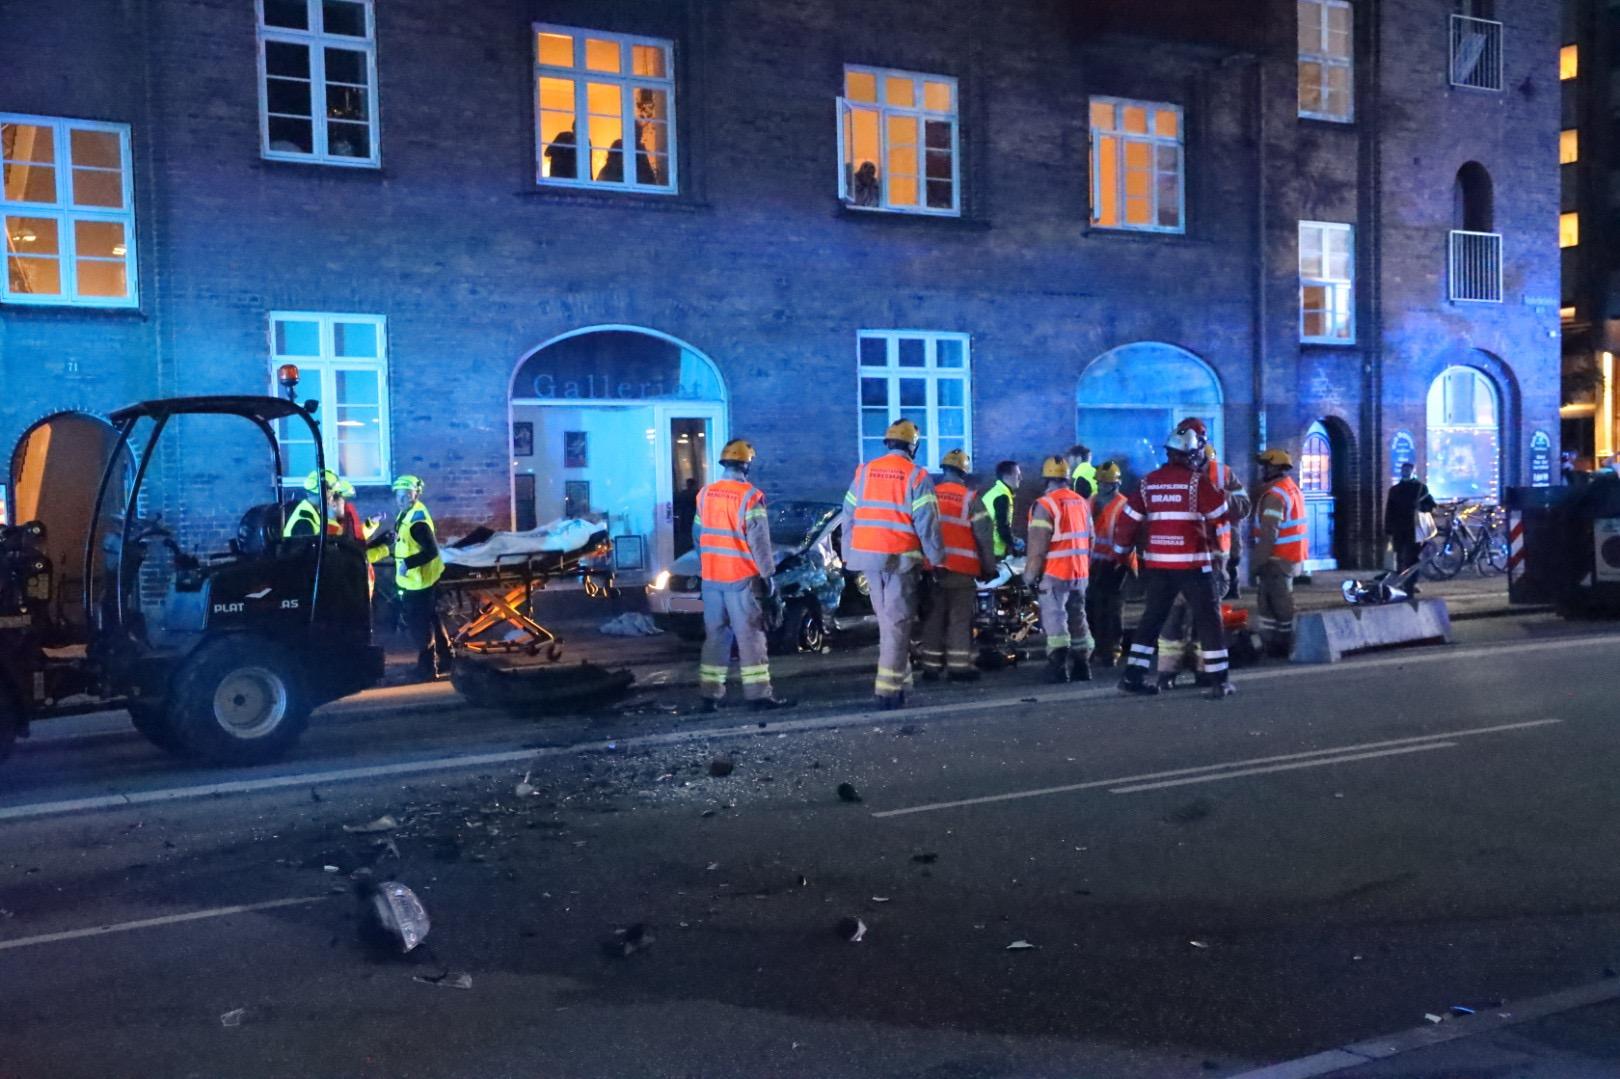 Voldsomt færdselsuheld i København - redning er fremme